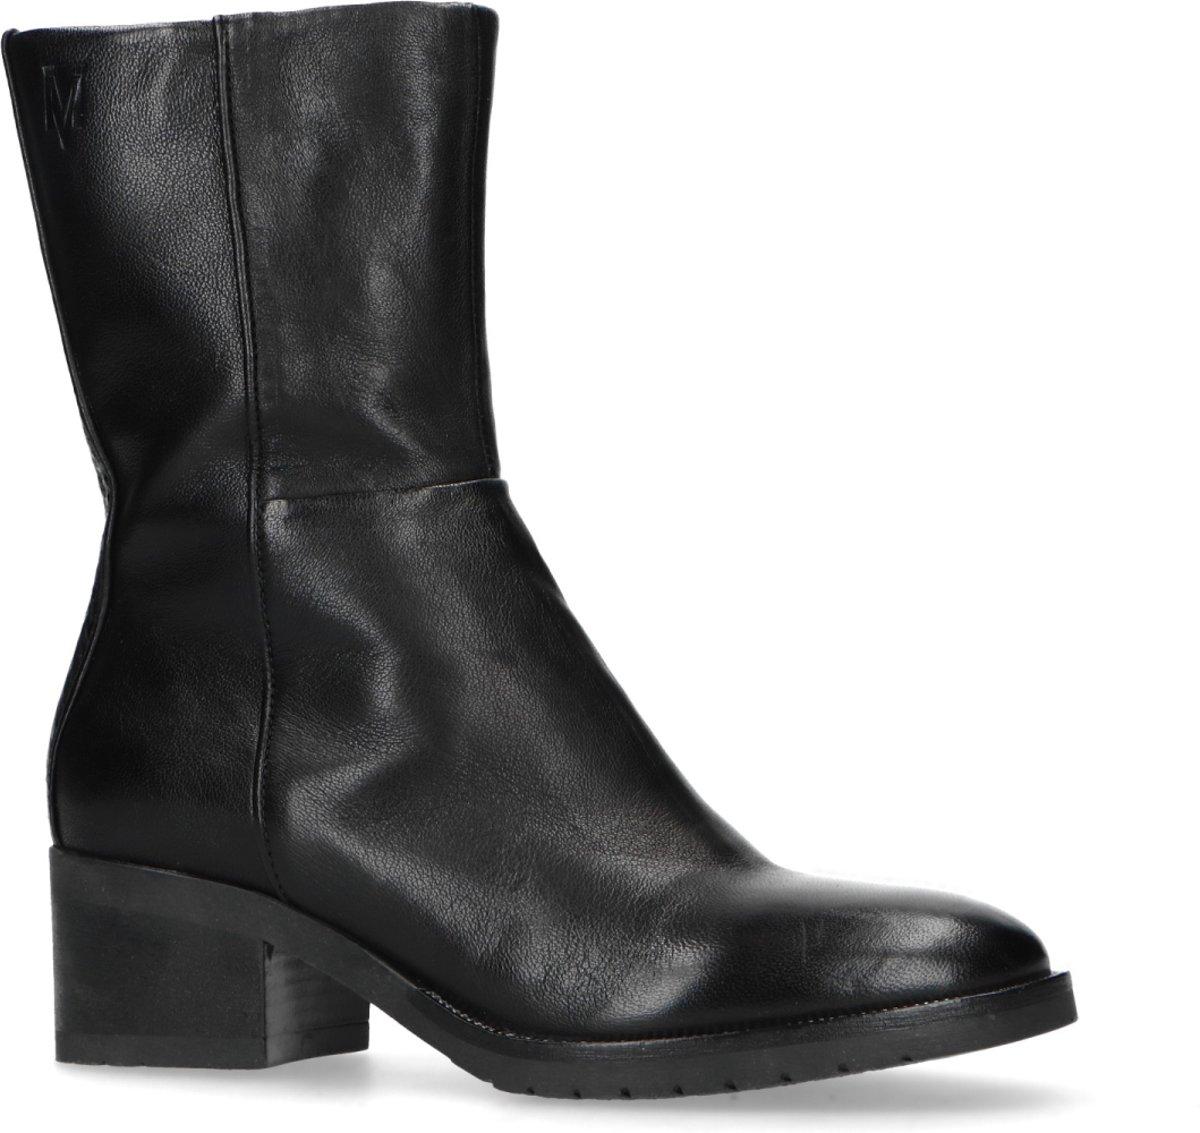 Manfield Dames Zwarte korte laarzen met lage hak Maat 38